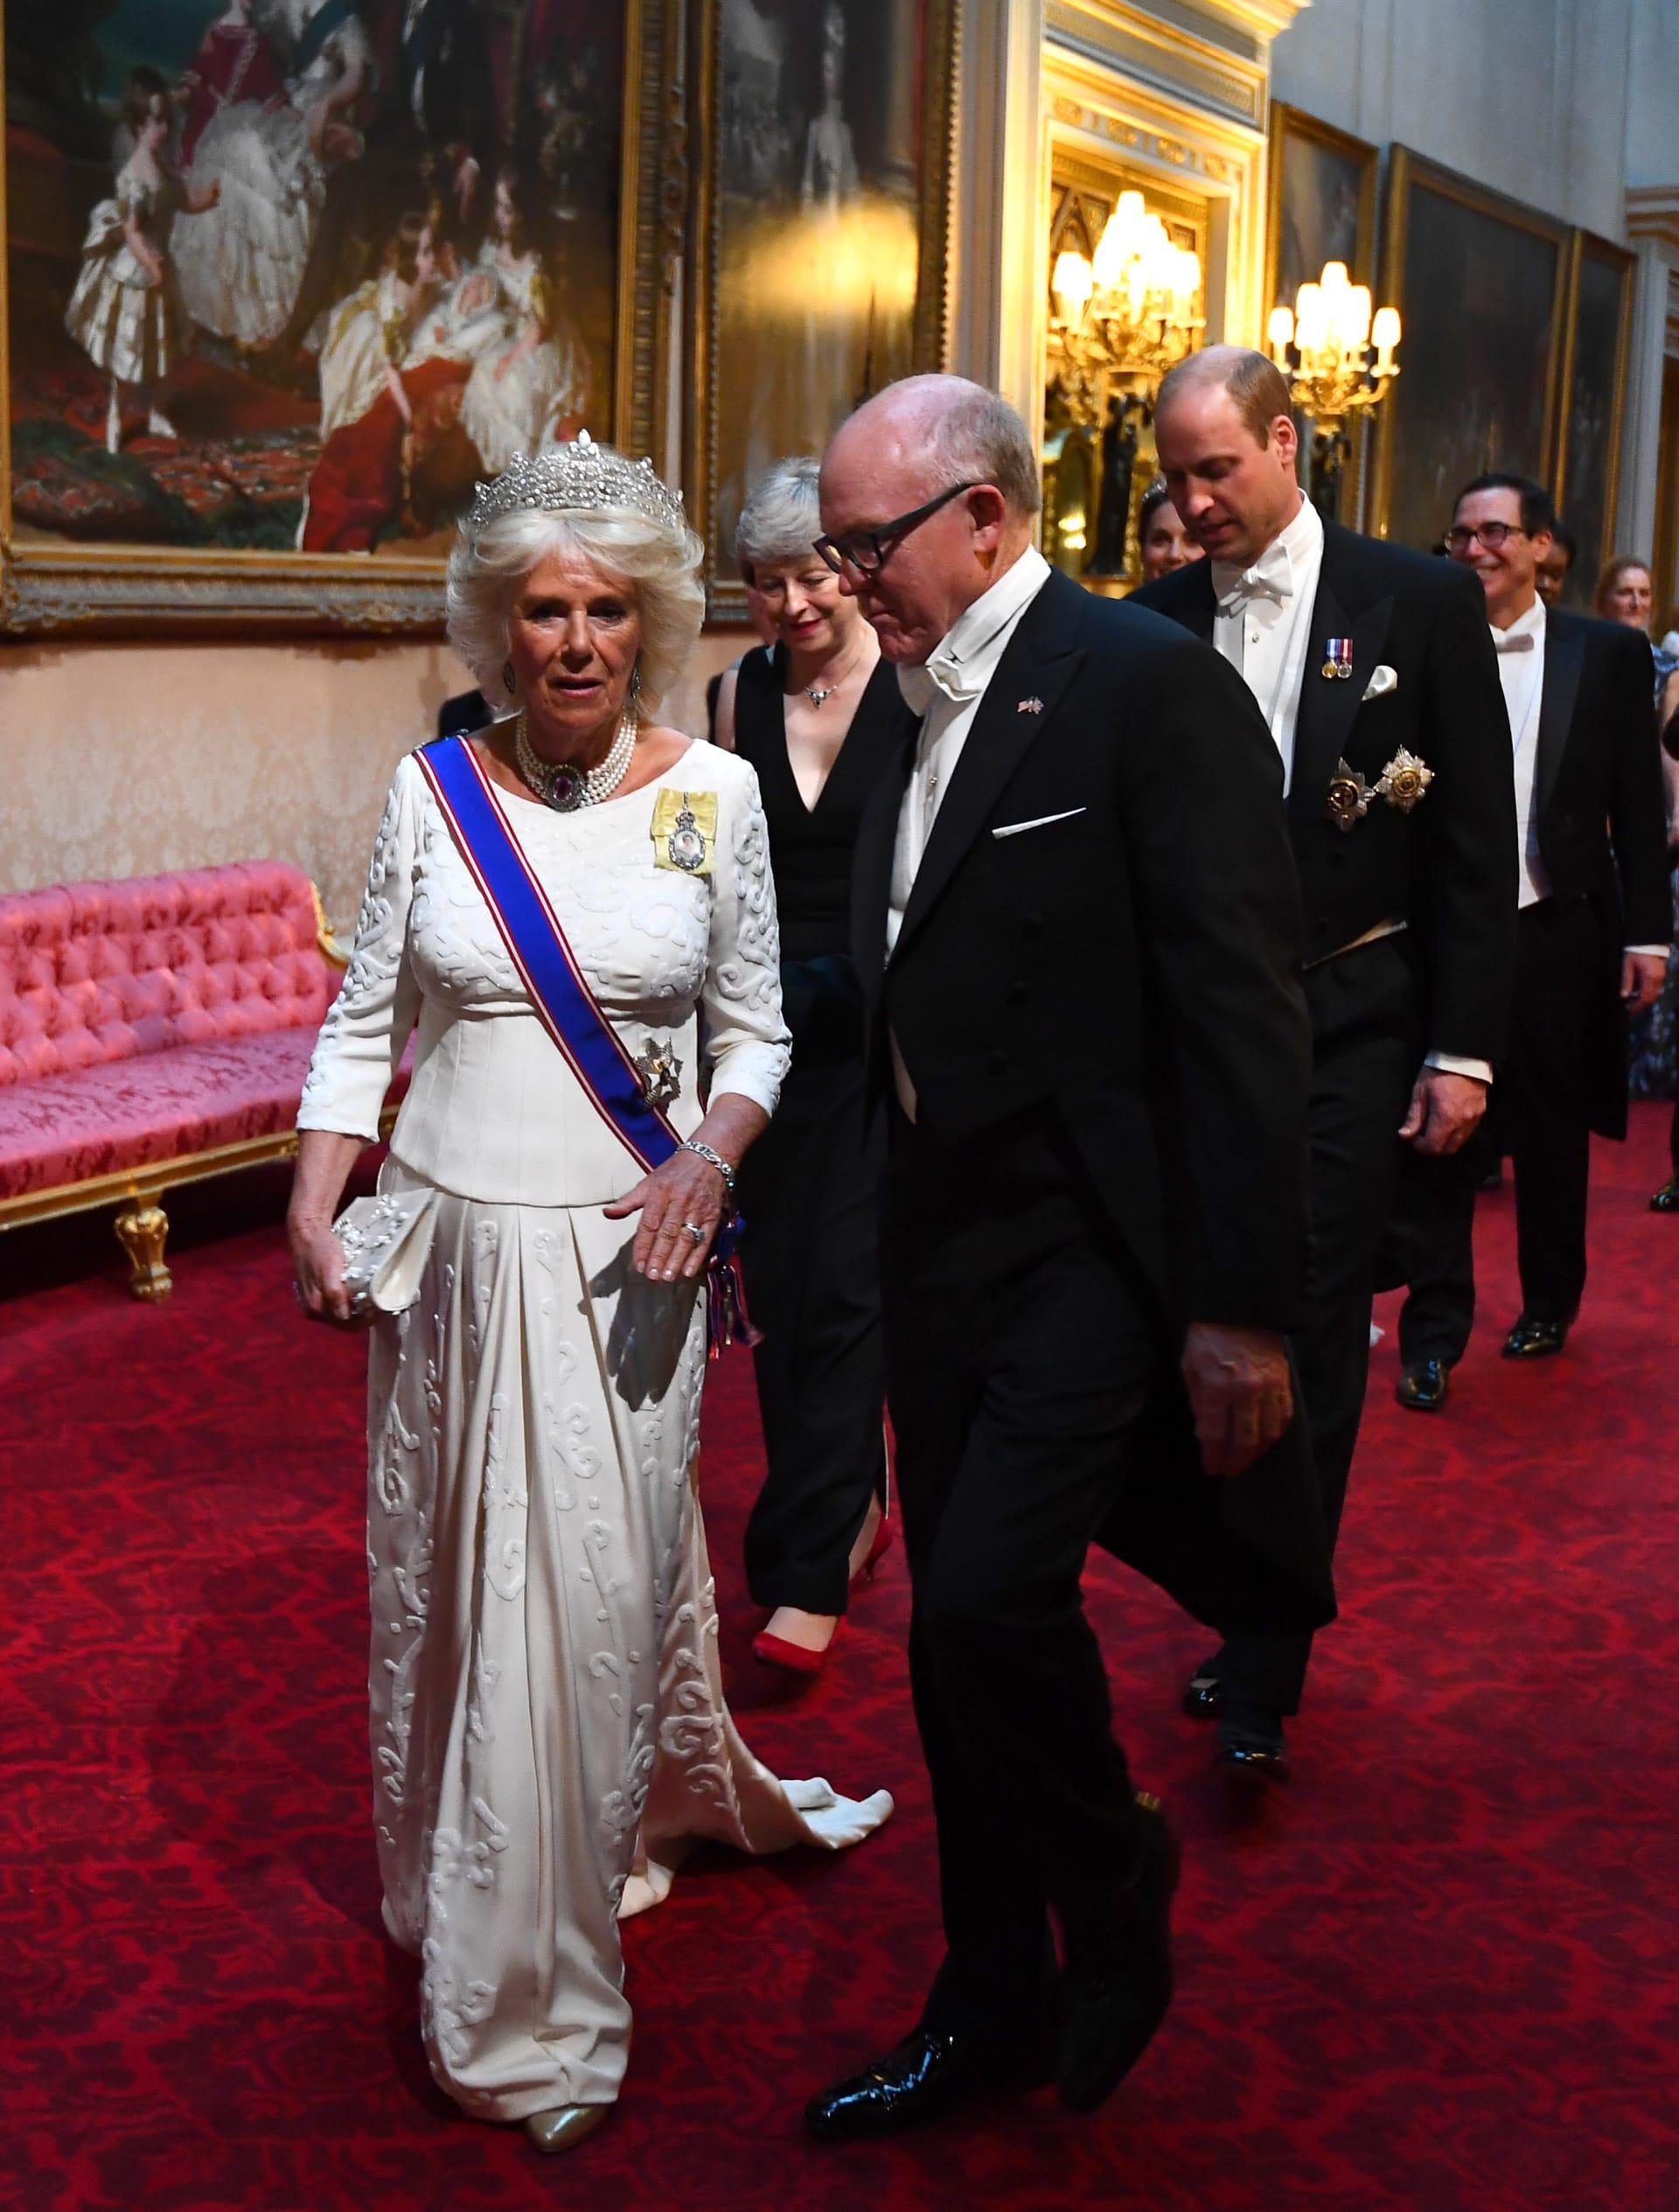 من ميلانيا ترامب إلى كيت ميدلتون.. اللون الأبيض يهيمن على المأدبة الملكية بقصر باكنغهام